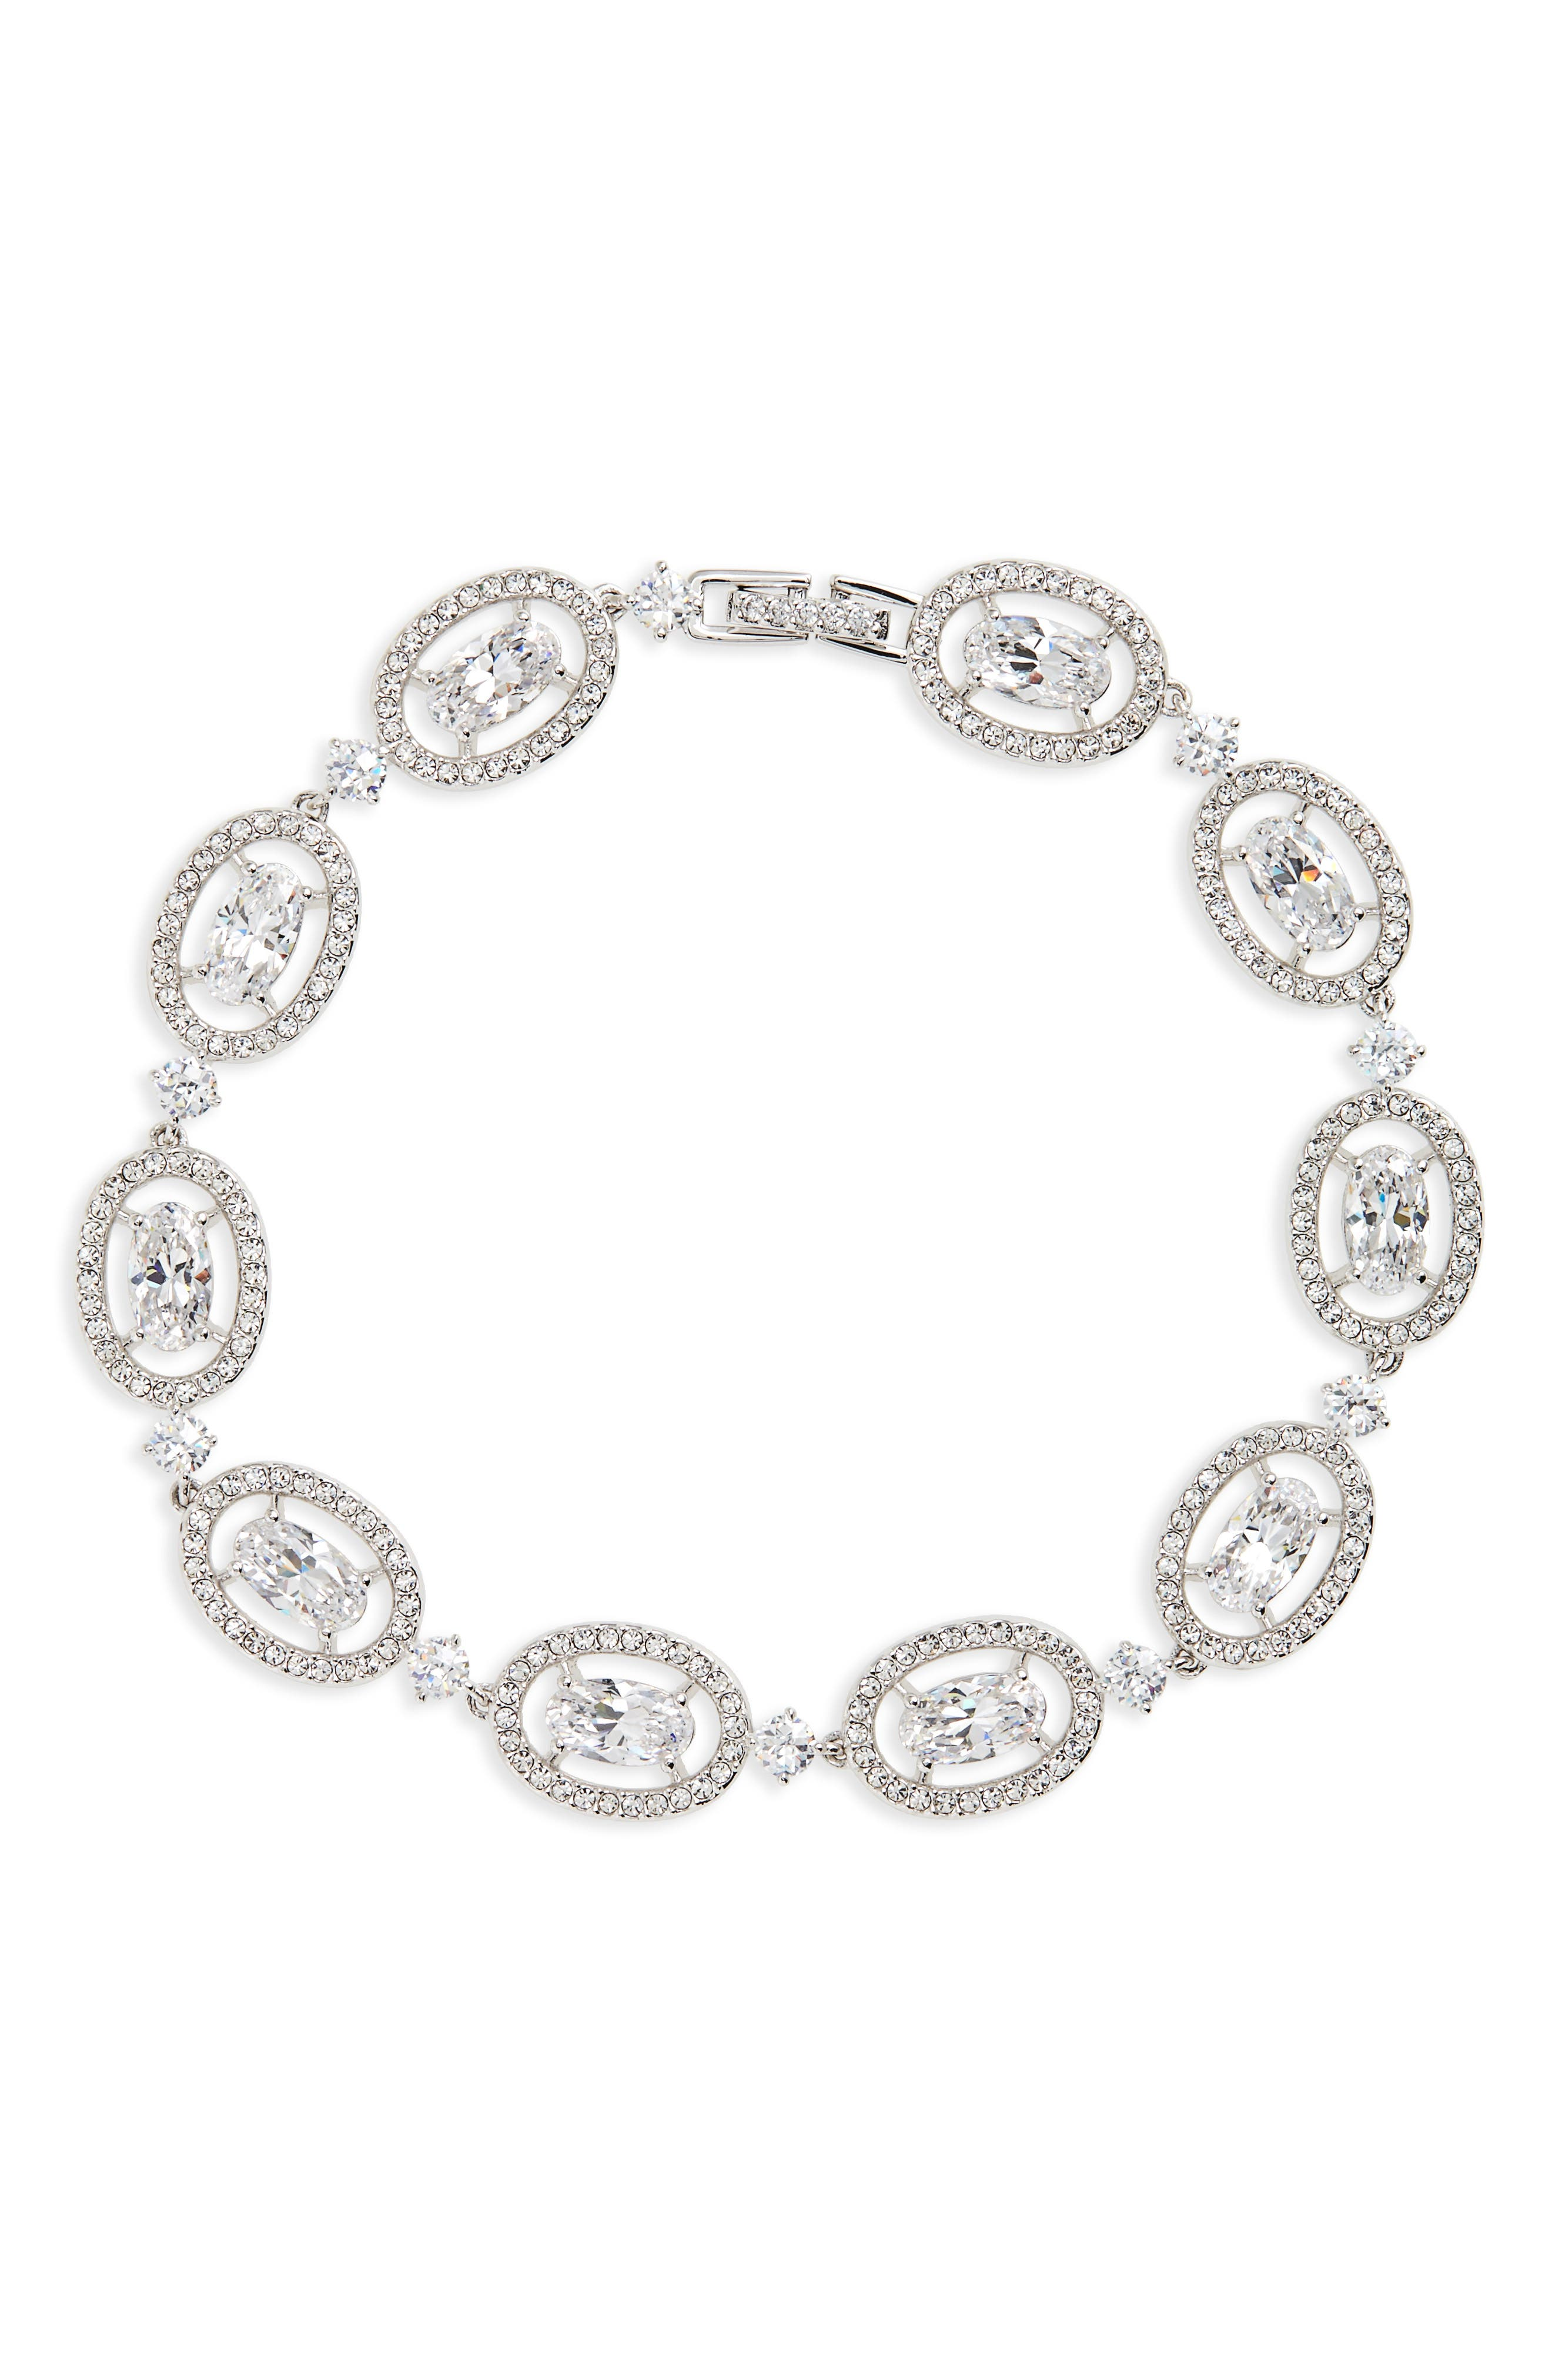 Main Image - Nadri Crystal Halo Bracelet